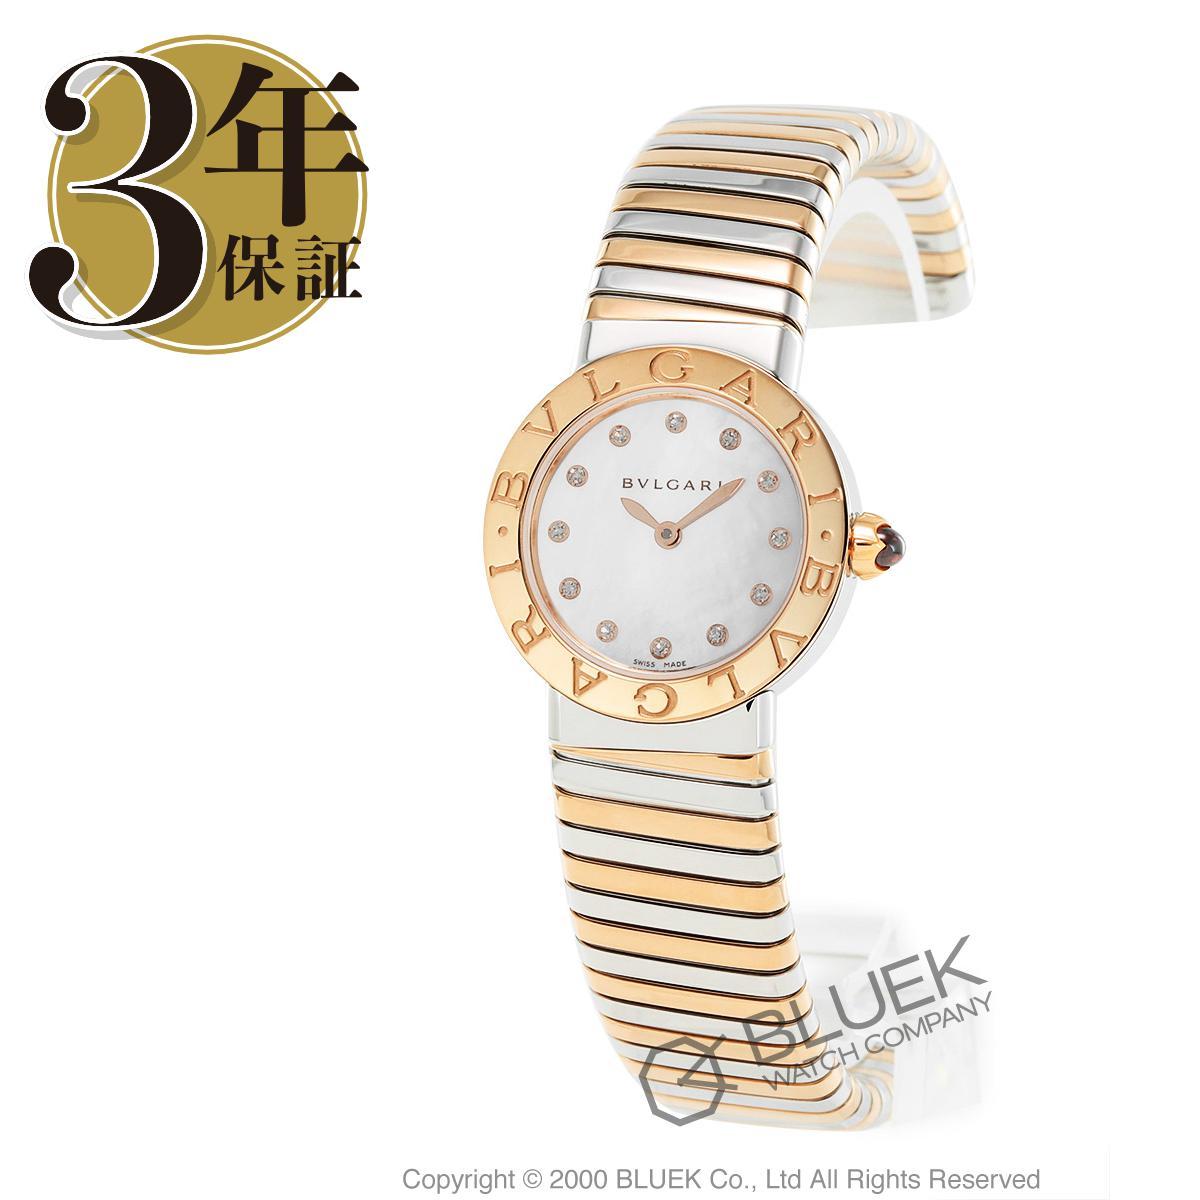 ブルガリ ブルガリブルガリ トゥボガス ダイヤ 腕時計 レディース BVLGARI BBL262TWSPG/12S_3